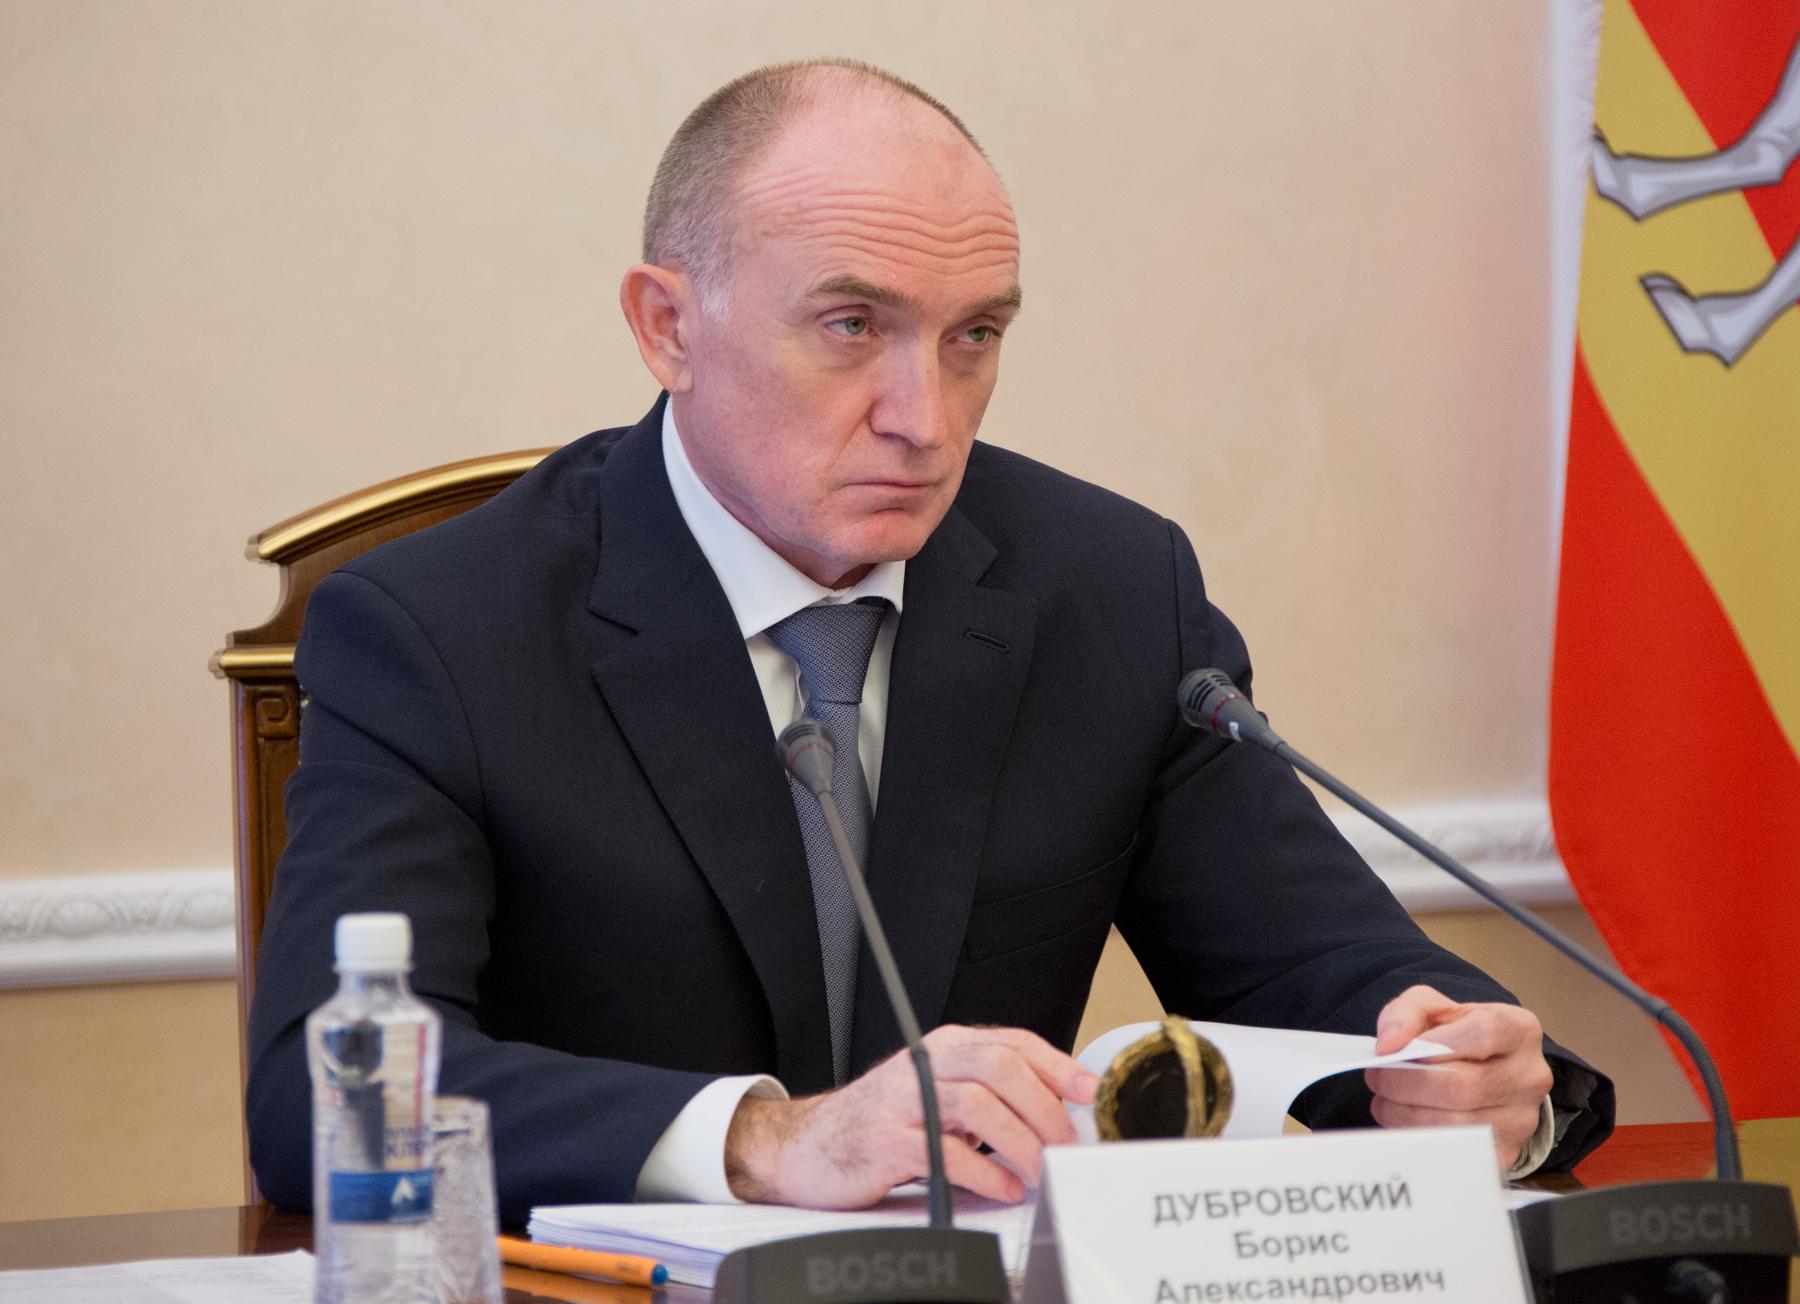 Губернатор Челябинской области Борис Дубровский пока не намерен принимать никаких кадровых решени